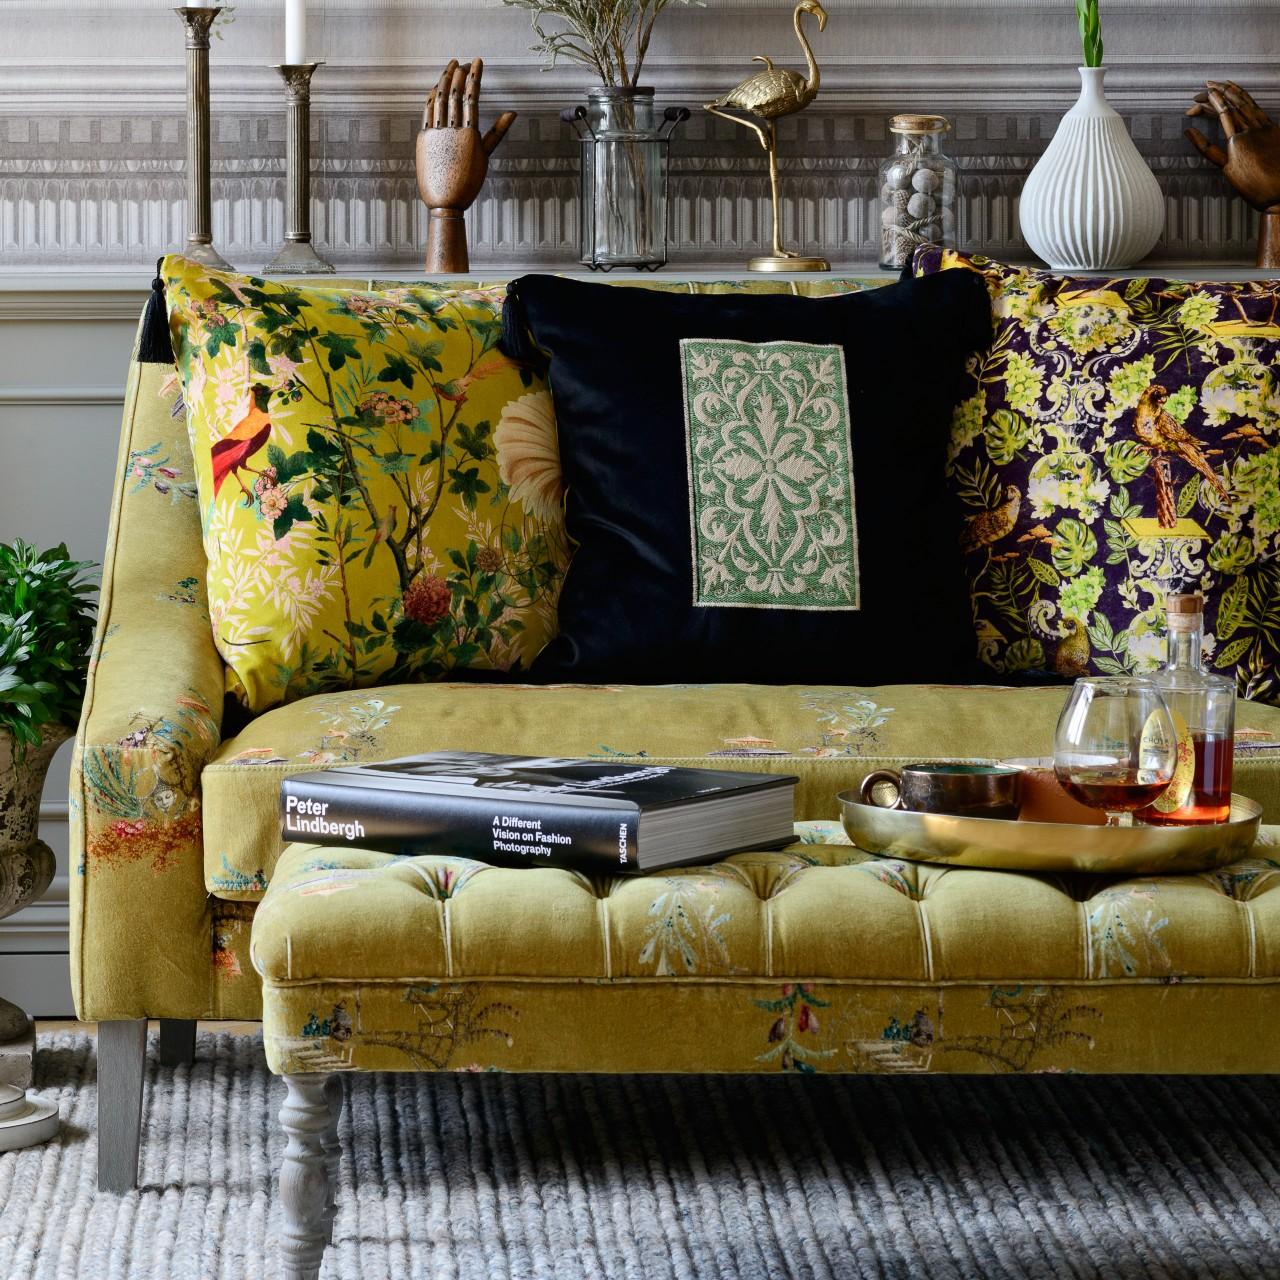 EDWARD Ottoman Tufted Bench - CHINOISERIE Velvet